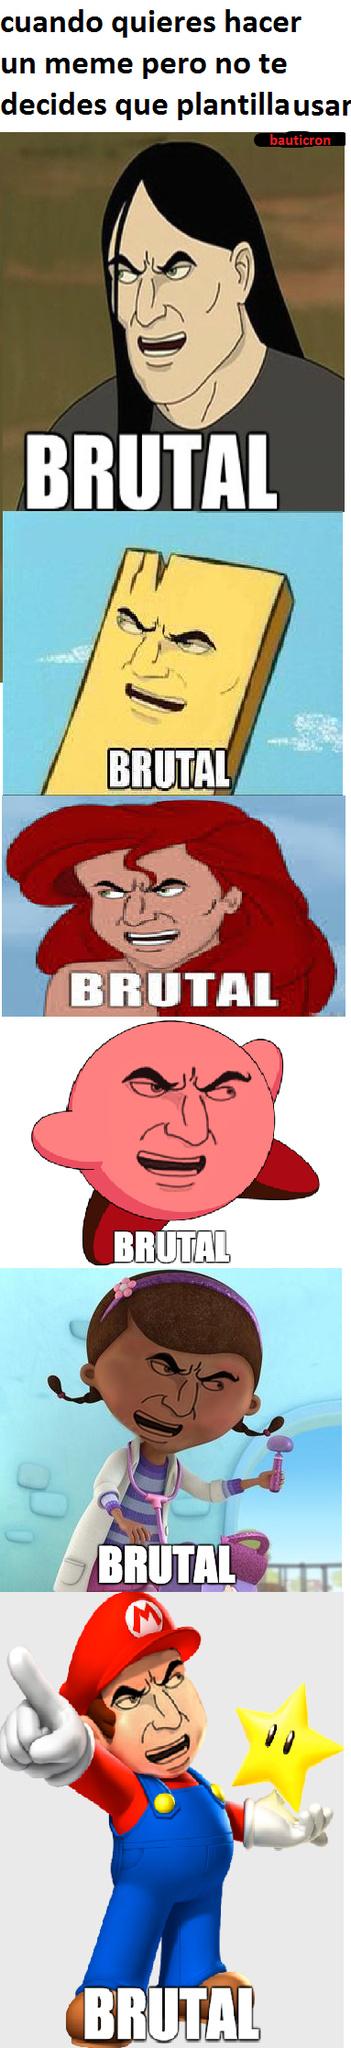 eso si es brutal - meme